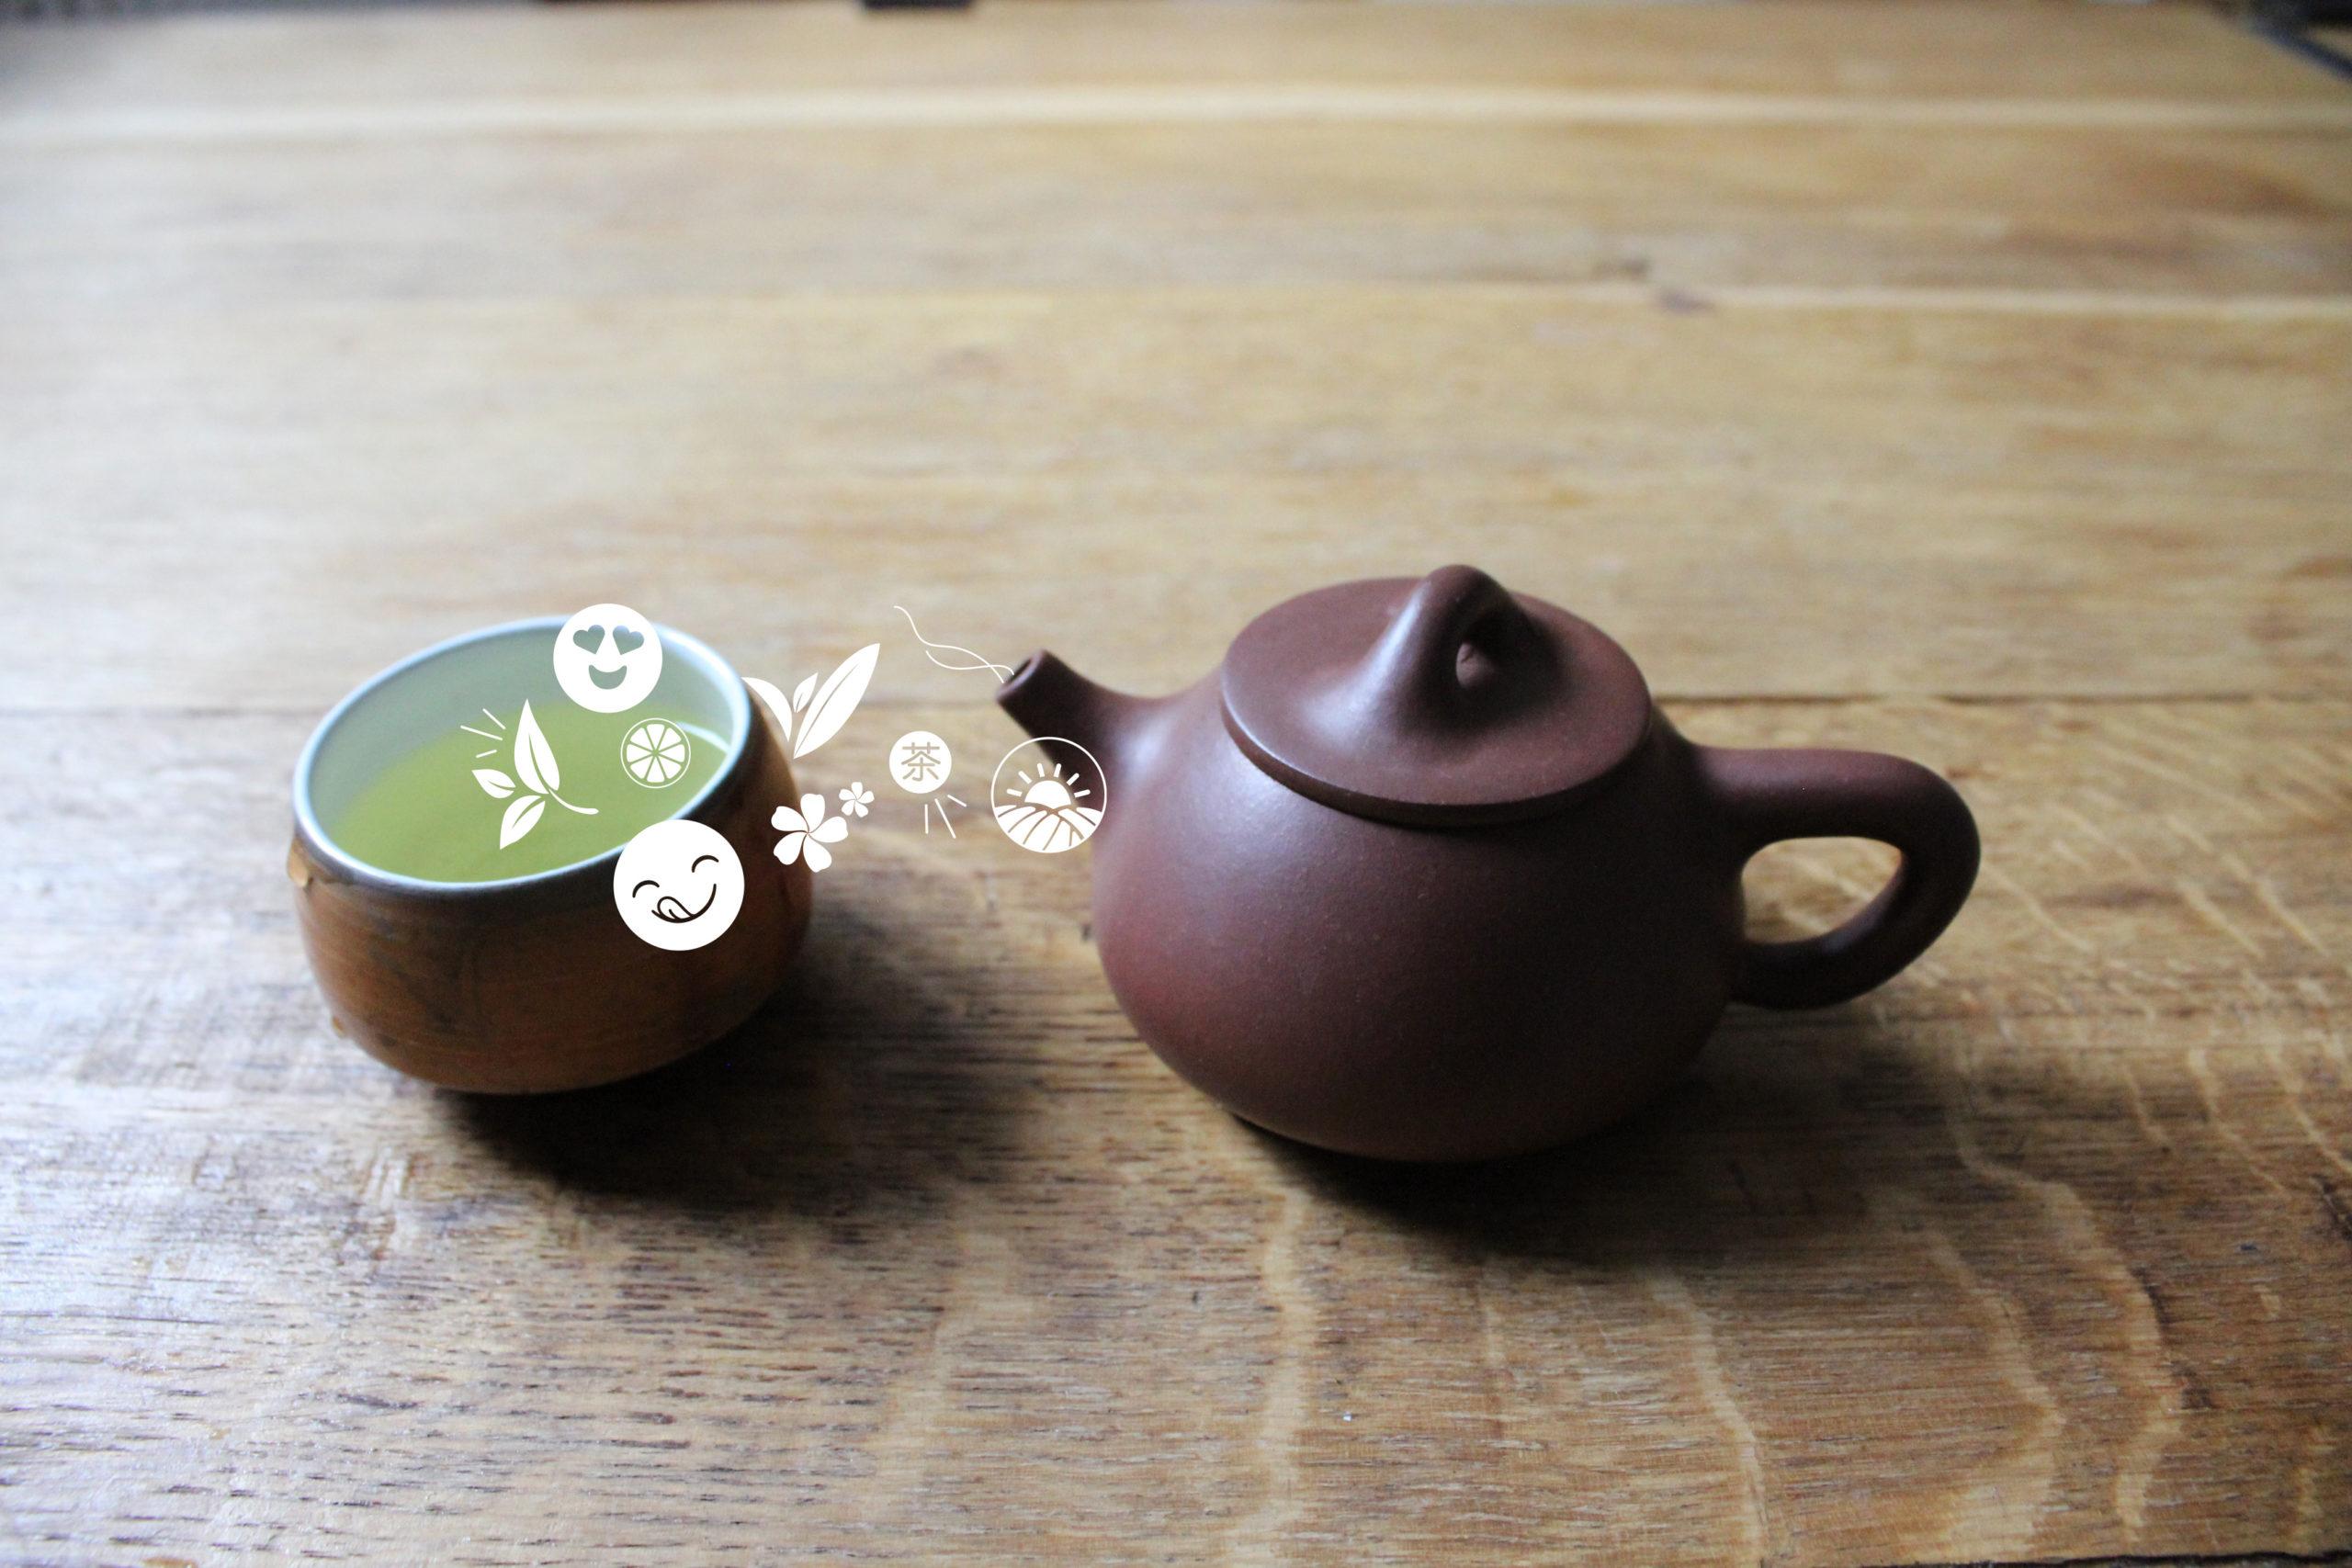 Tasse de thé et théière en terre de yixing illustrant le plaisir sensoriel d'une ddégustation de thé